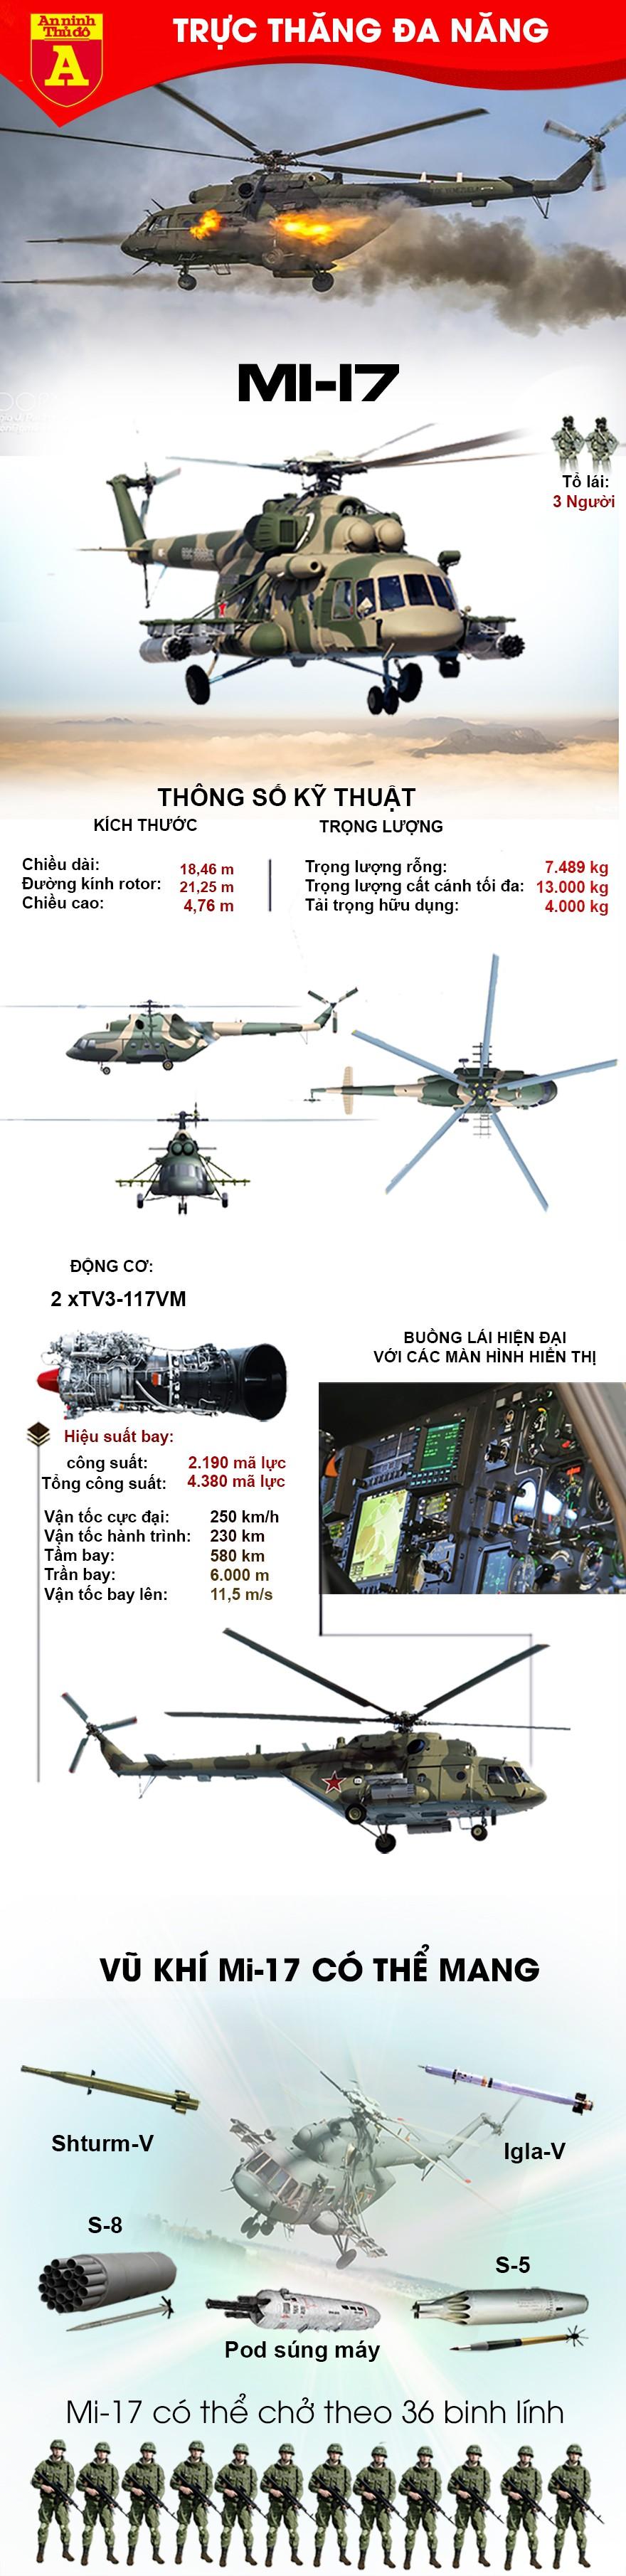 [Info] Dòng trực thăng bán chạy nhất của Nga bị rơi tại Indonesia ảnh 3